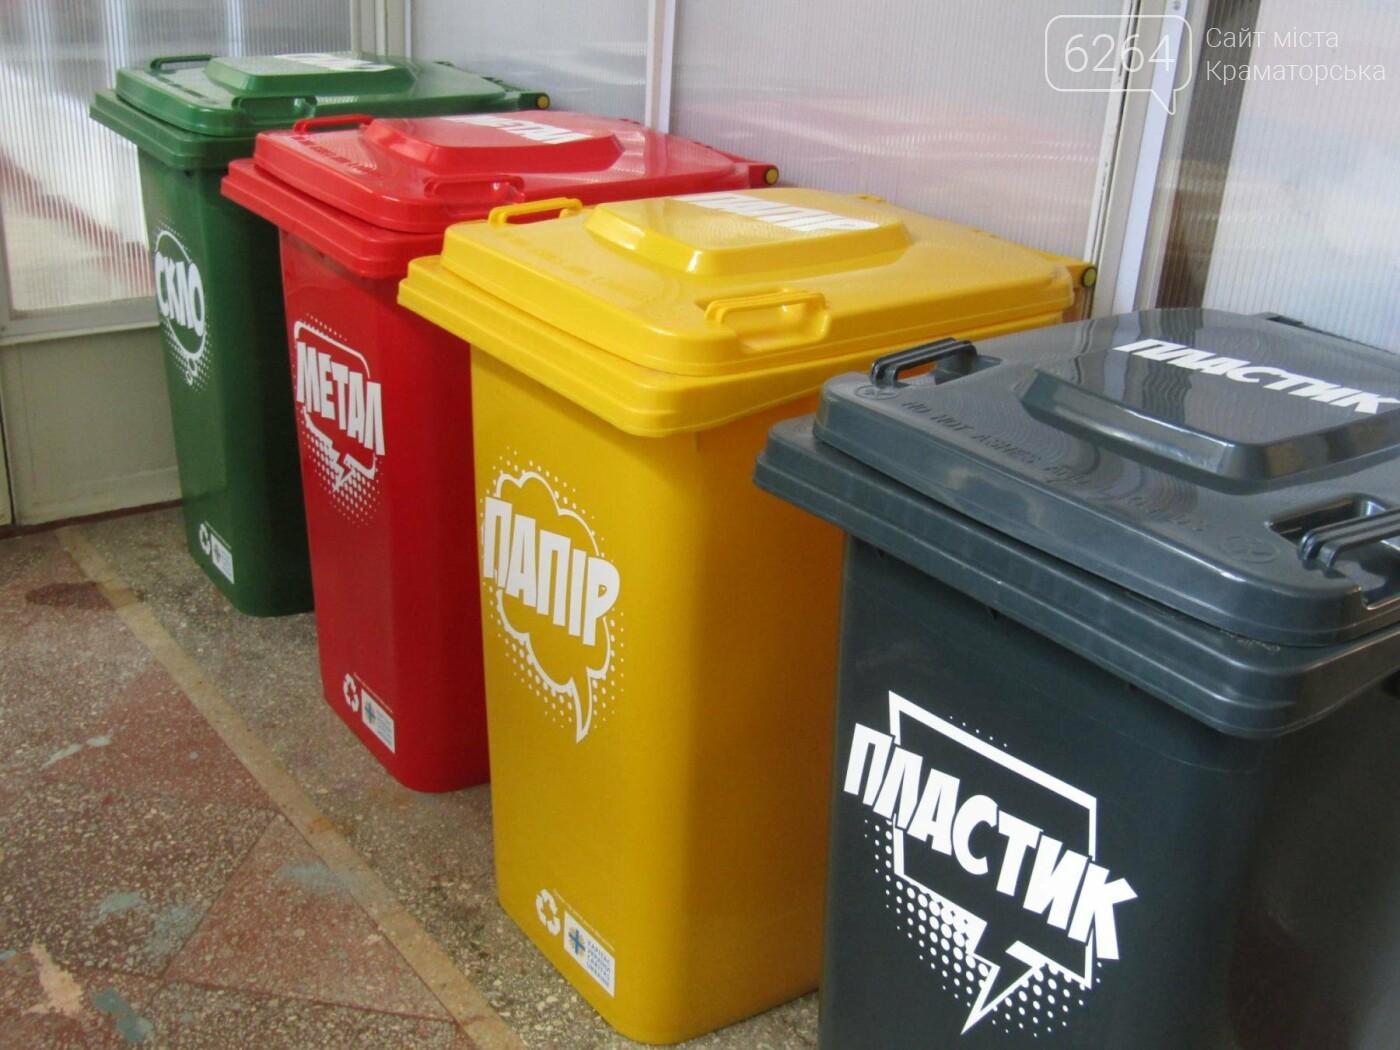 ОШ №24 Краматорска стала первой в городе, где школьники перешли на раздельный сбор отходов, фото-1